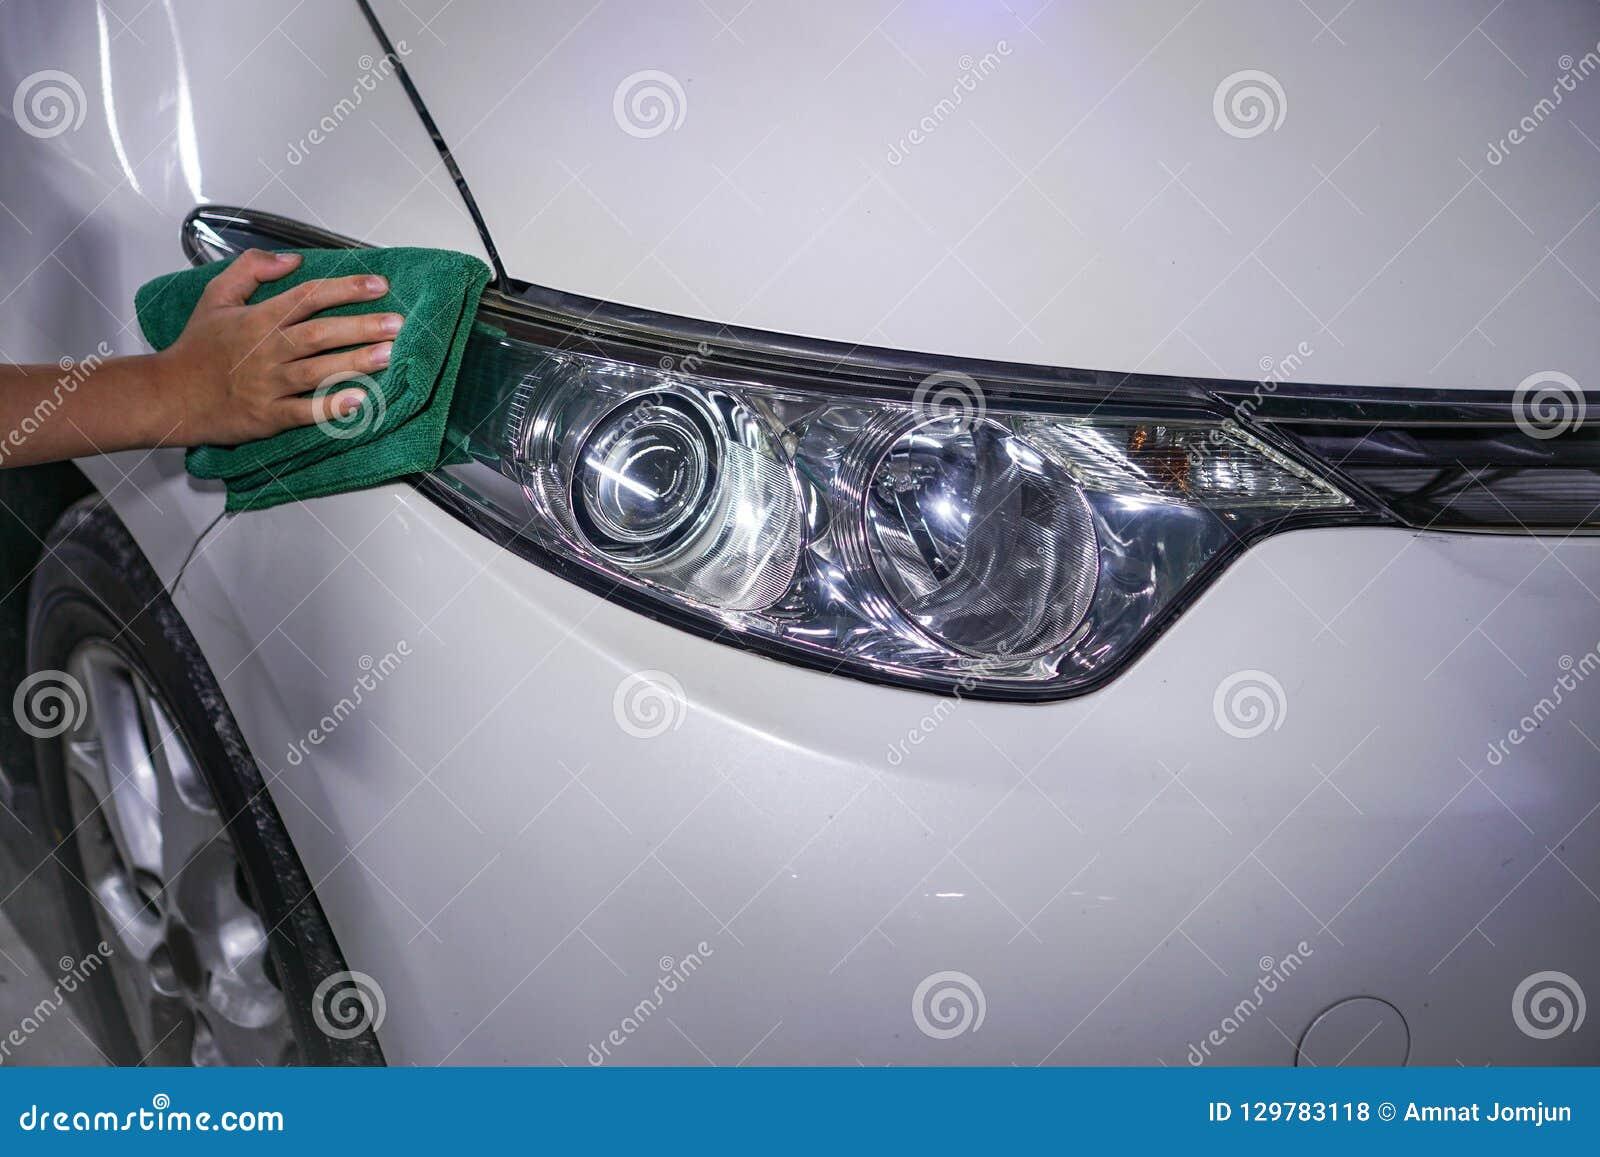 Farol de limpeza do carro da mão em um carro branco